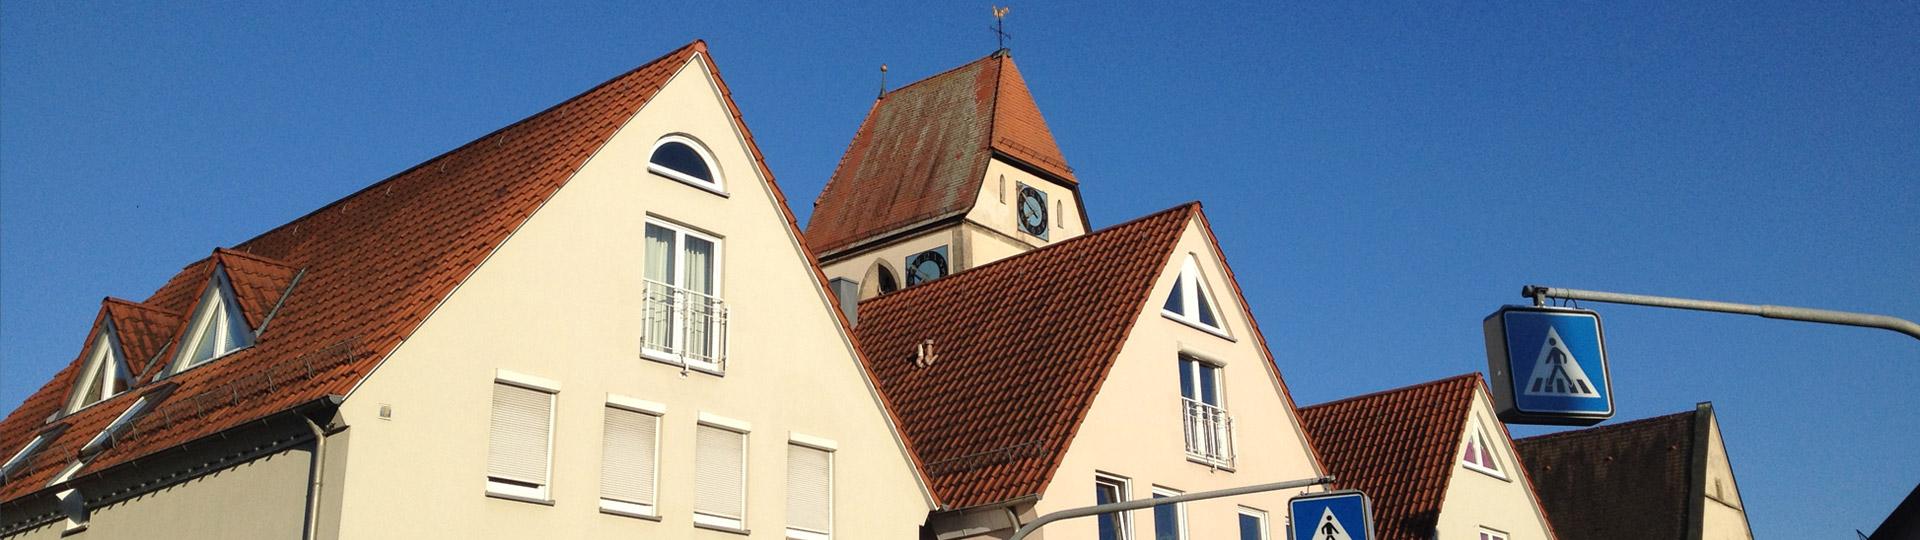 GHV Ehningen Marktplatz Dächer